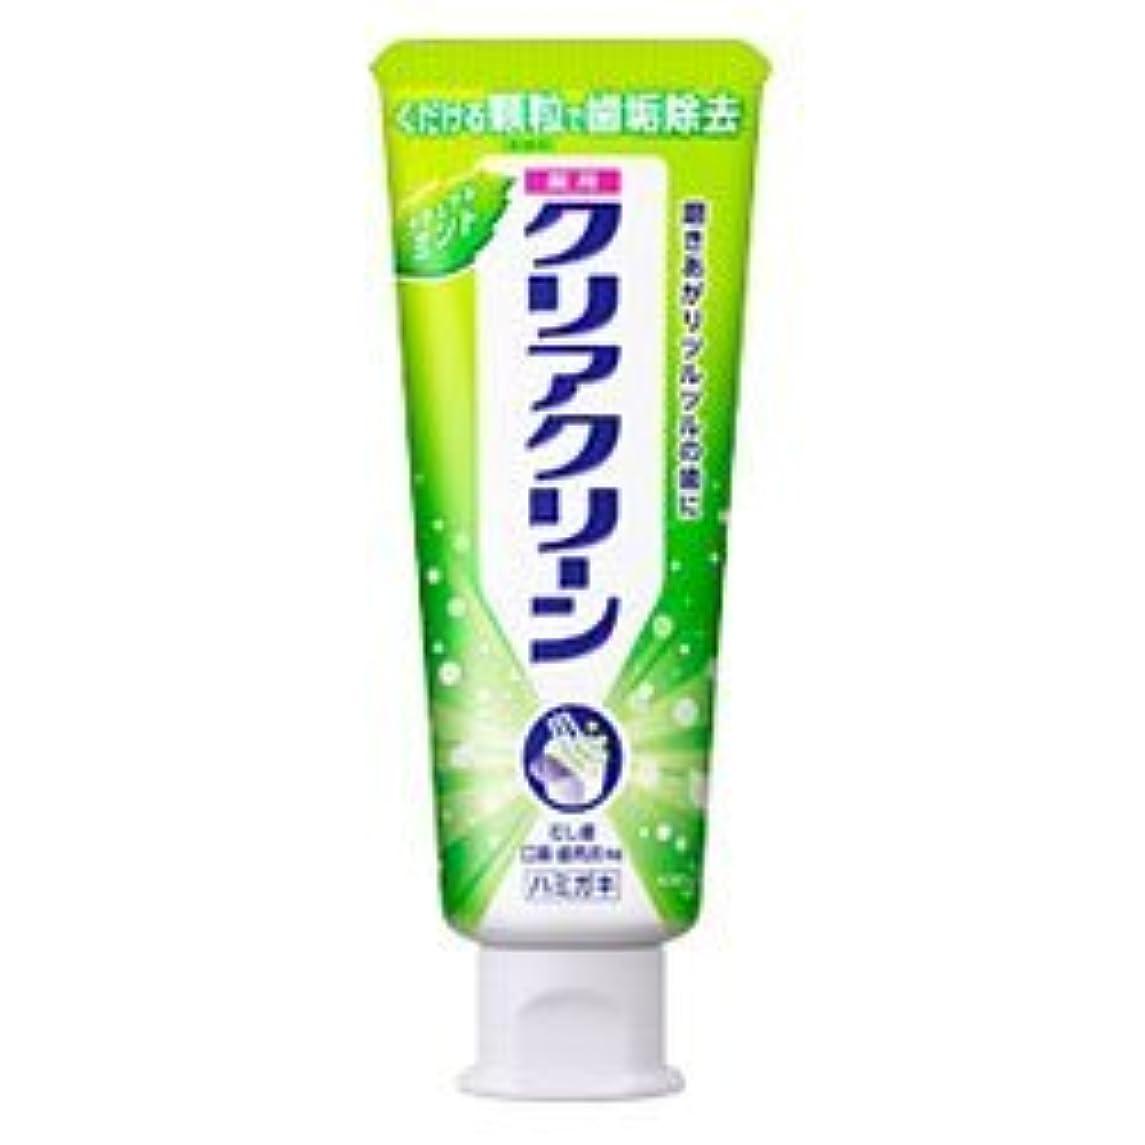 リフレッシュキャメルアソシエイト【花王】クリアクリーン ナチュラルミント スタンディングチューブ 小 80g ×5個セット